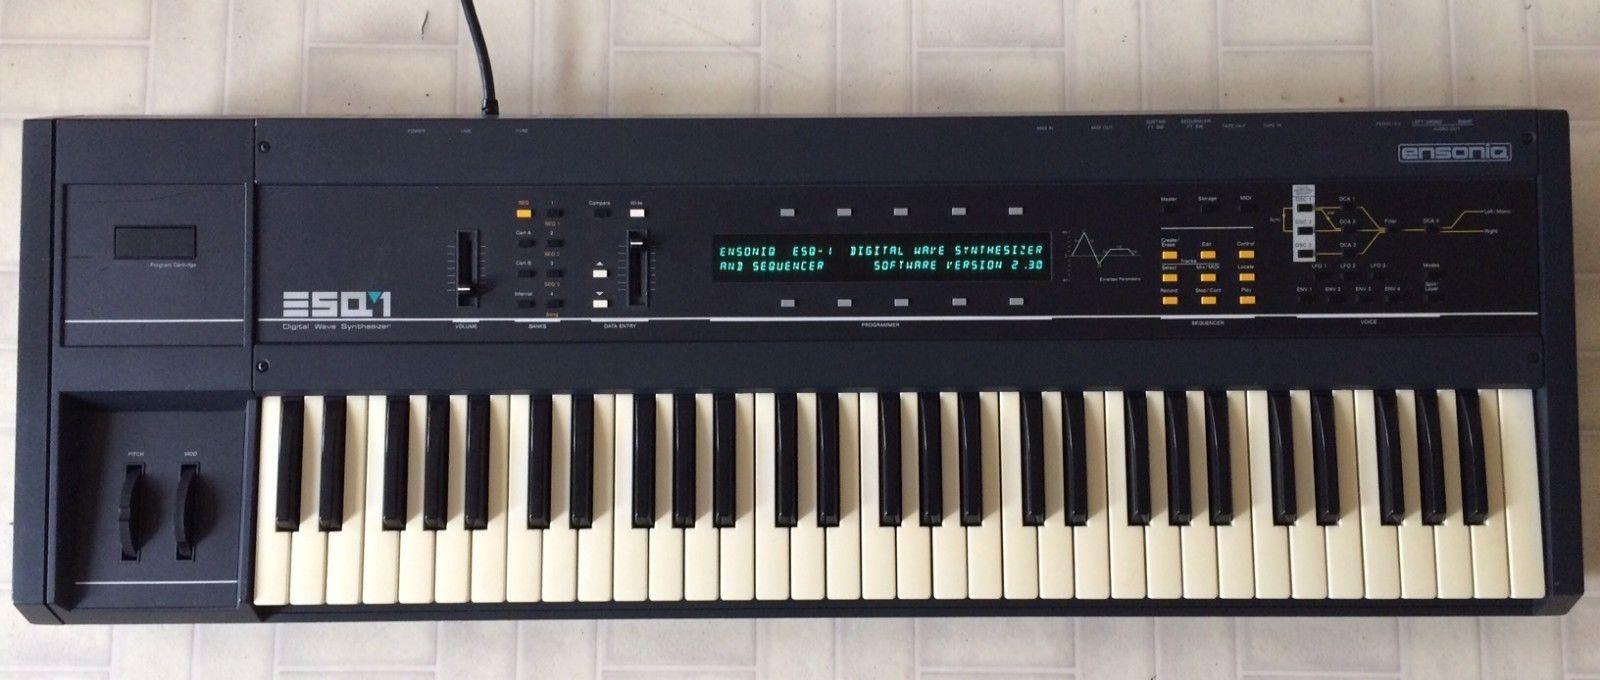 Ensoniq Esq 1 Vintage Synthesizer Working Good Condition Ebay Synthesizer Vintage Ebay